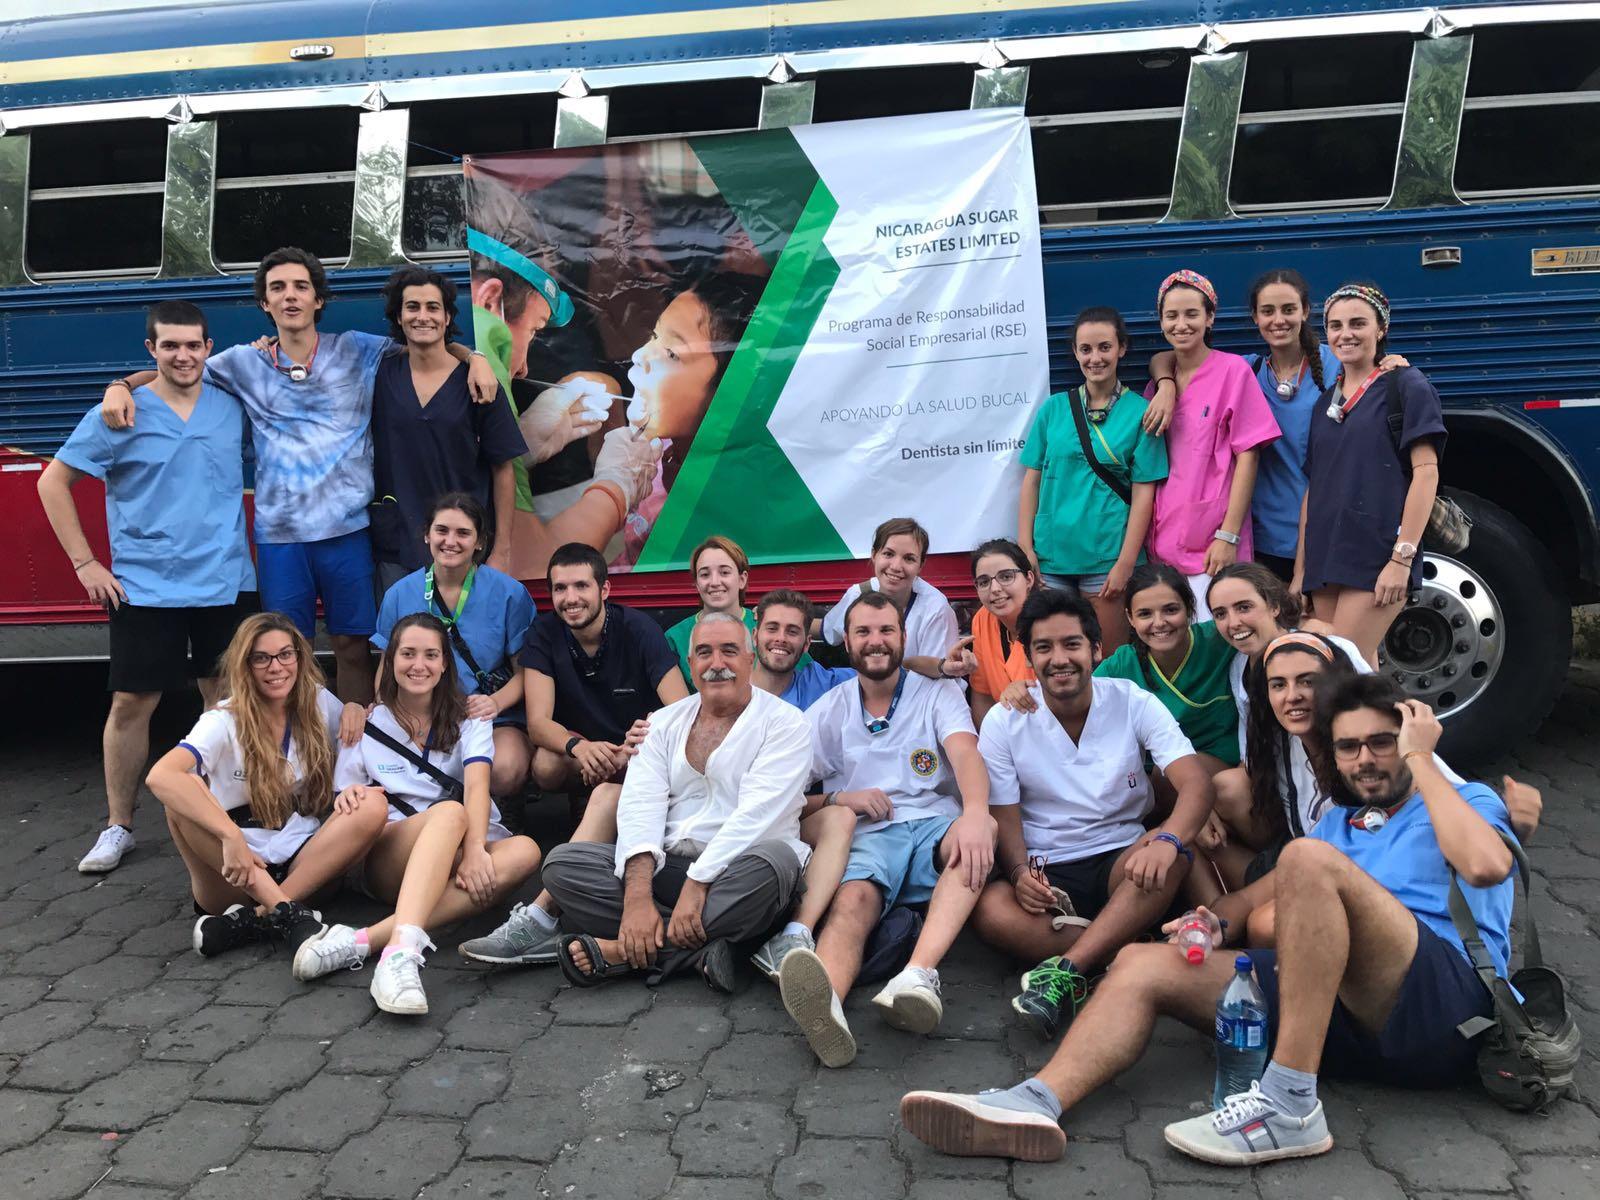 Nicaragua 2017 Asociación Dentistas sin límites